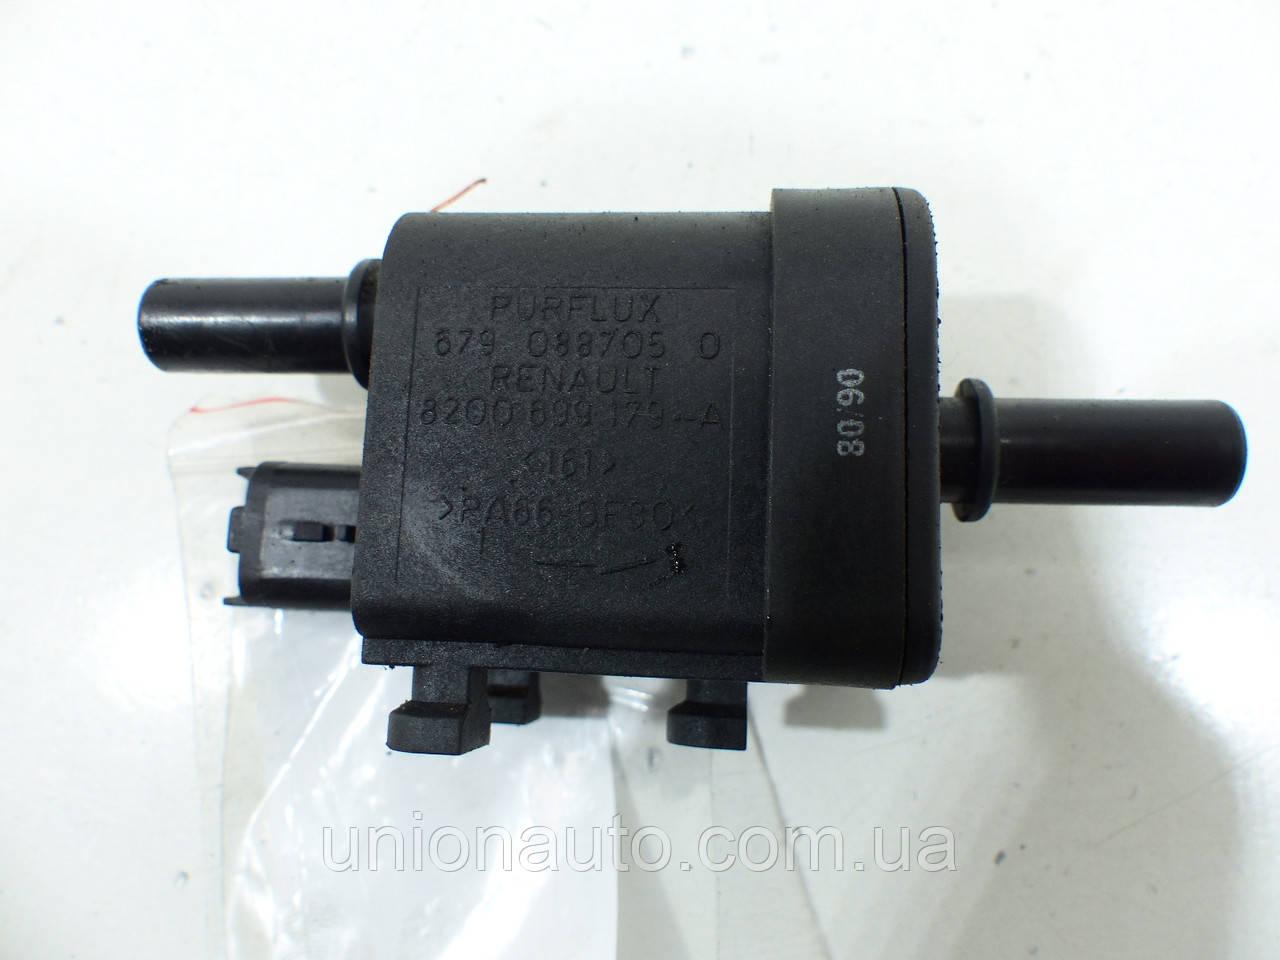 KANGOO II 08-13 1.5 DCI Регулятор, клапан давления подачи топлива 8200699179A